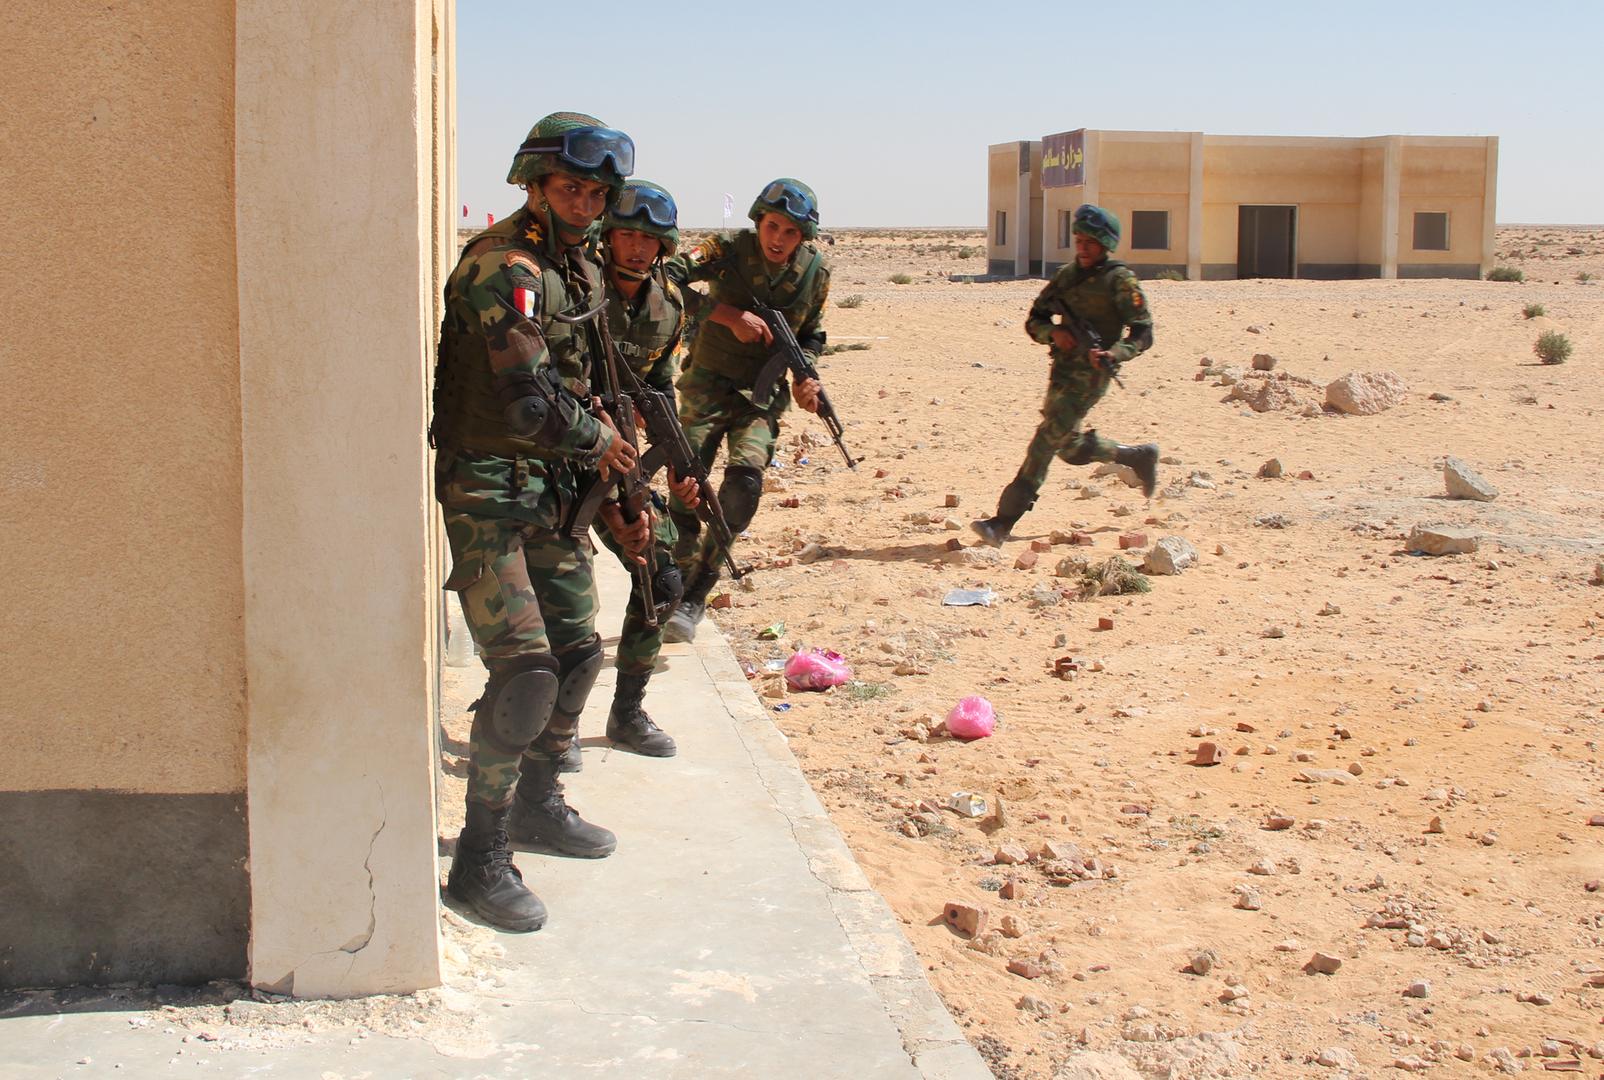 مواصفات قوية لسلاح روسي أردني مدمر في الجيش المصري (فيديو) -